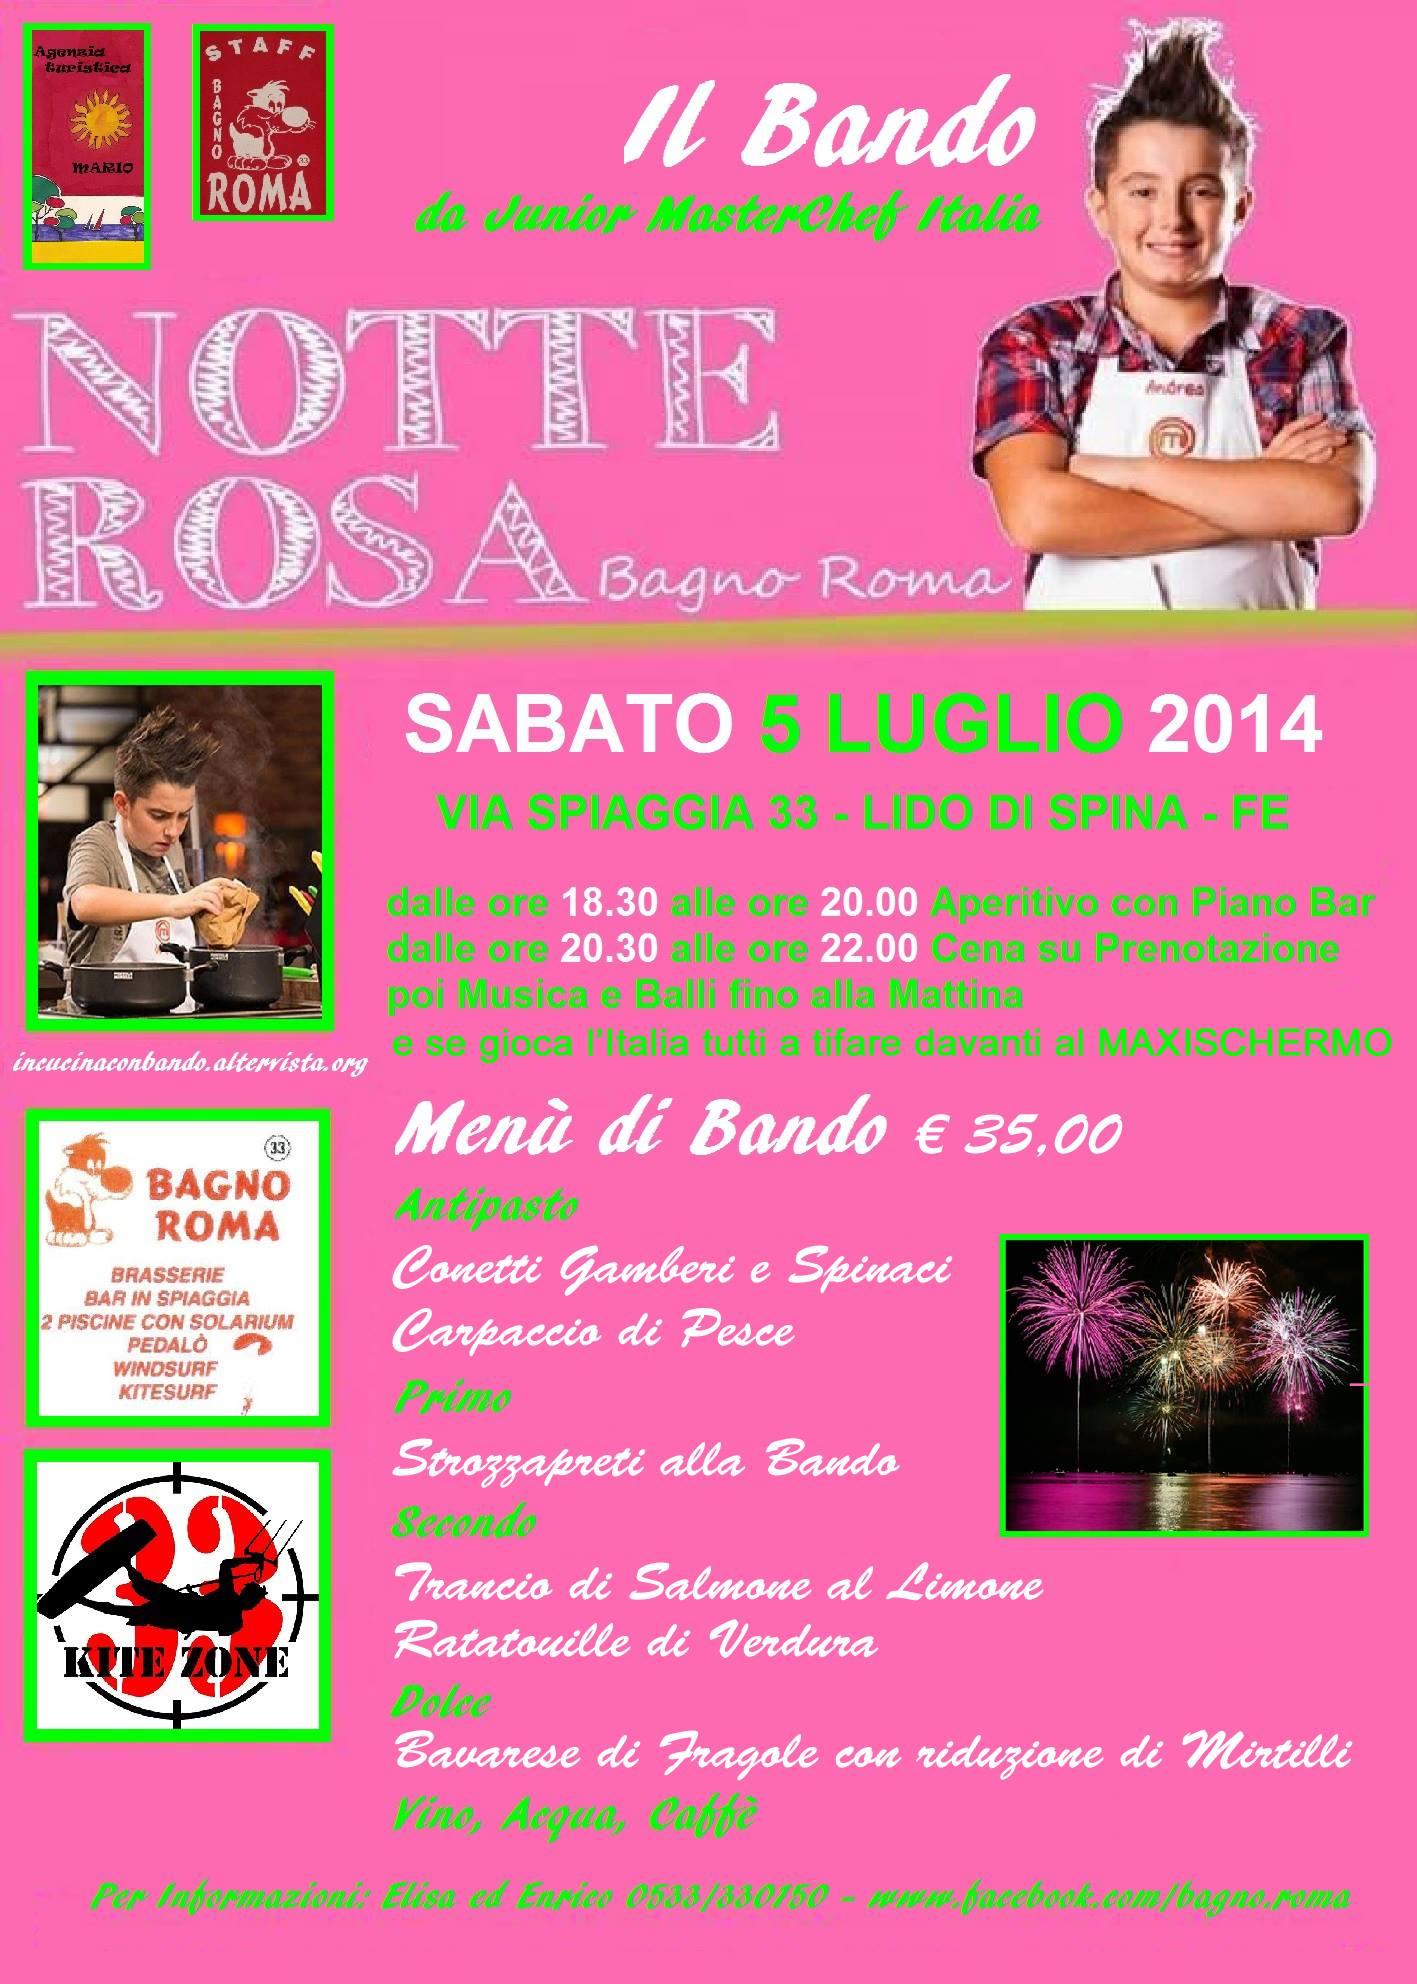 Notte rosa con Andrea Bando